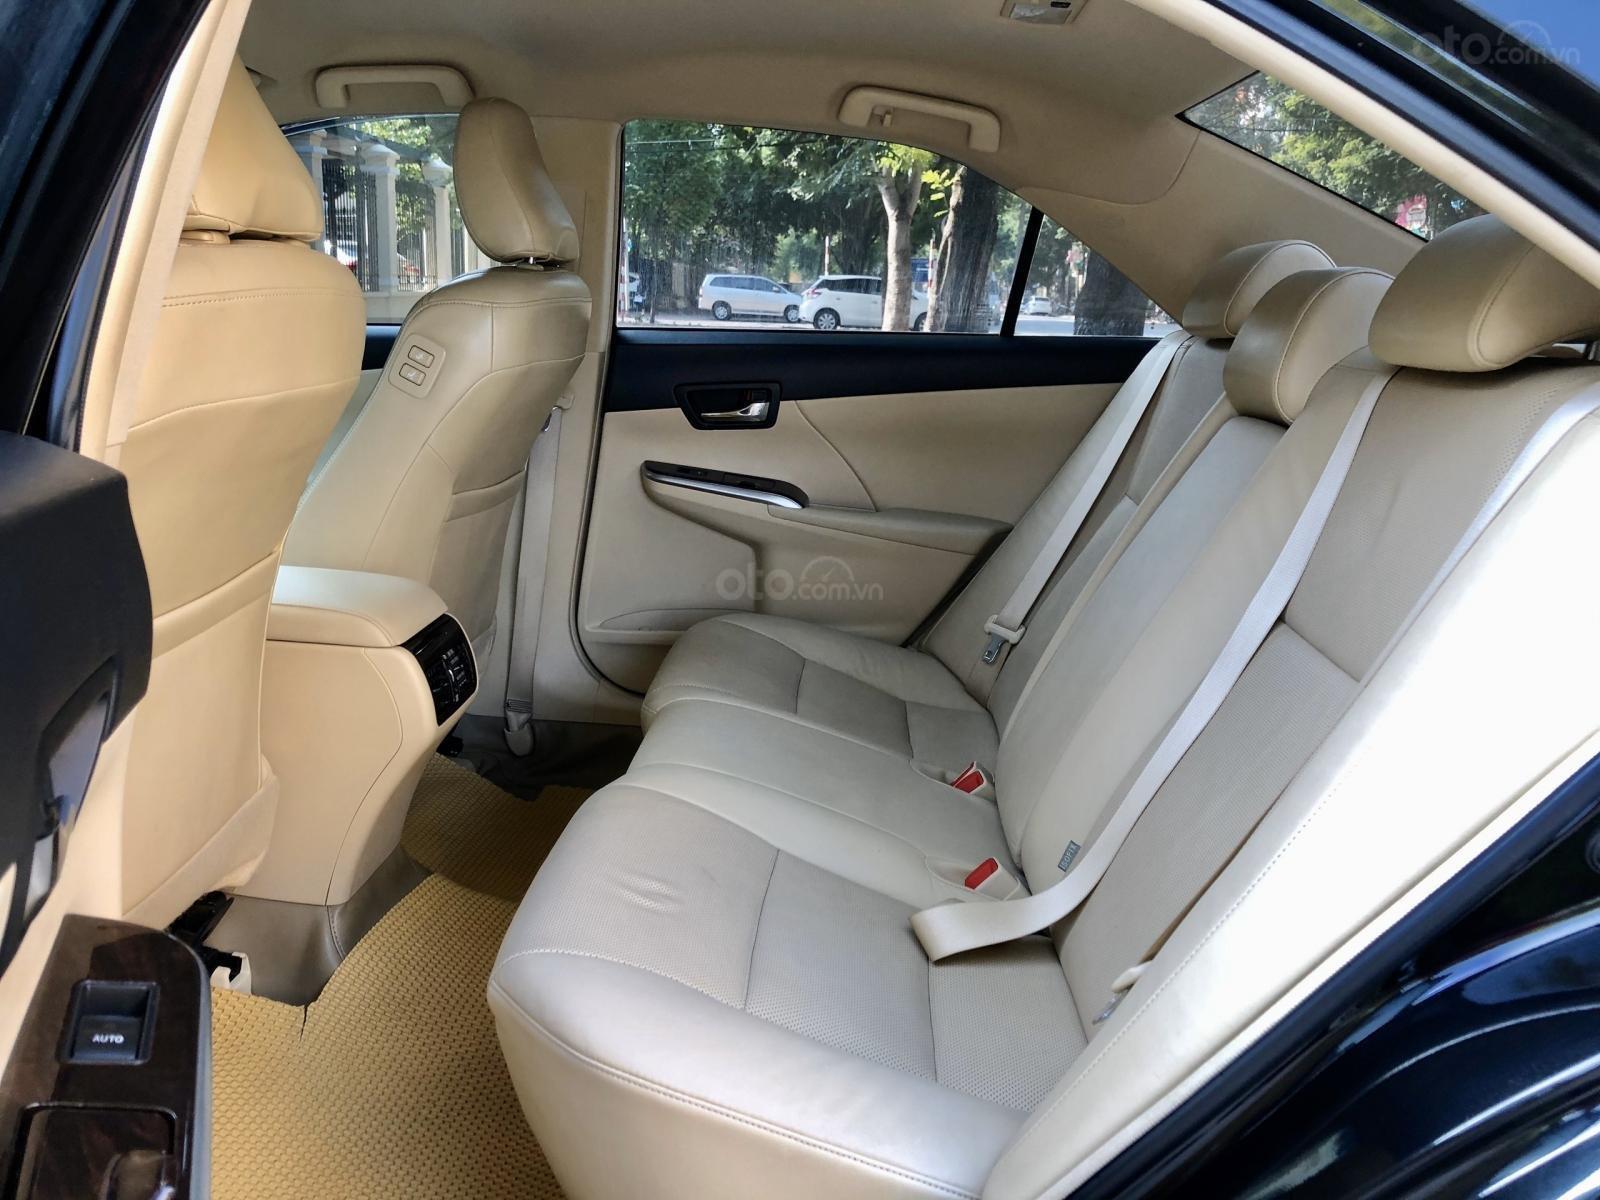 Bán gấp xe Toyota Camry 2.0 đời 2017 tư nhân chính chủ Hà Nội. LH: 084.765.5555 (12)